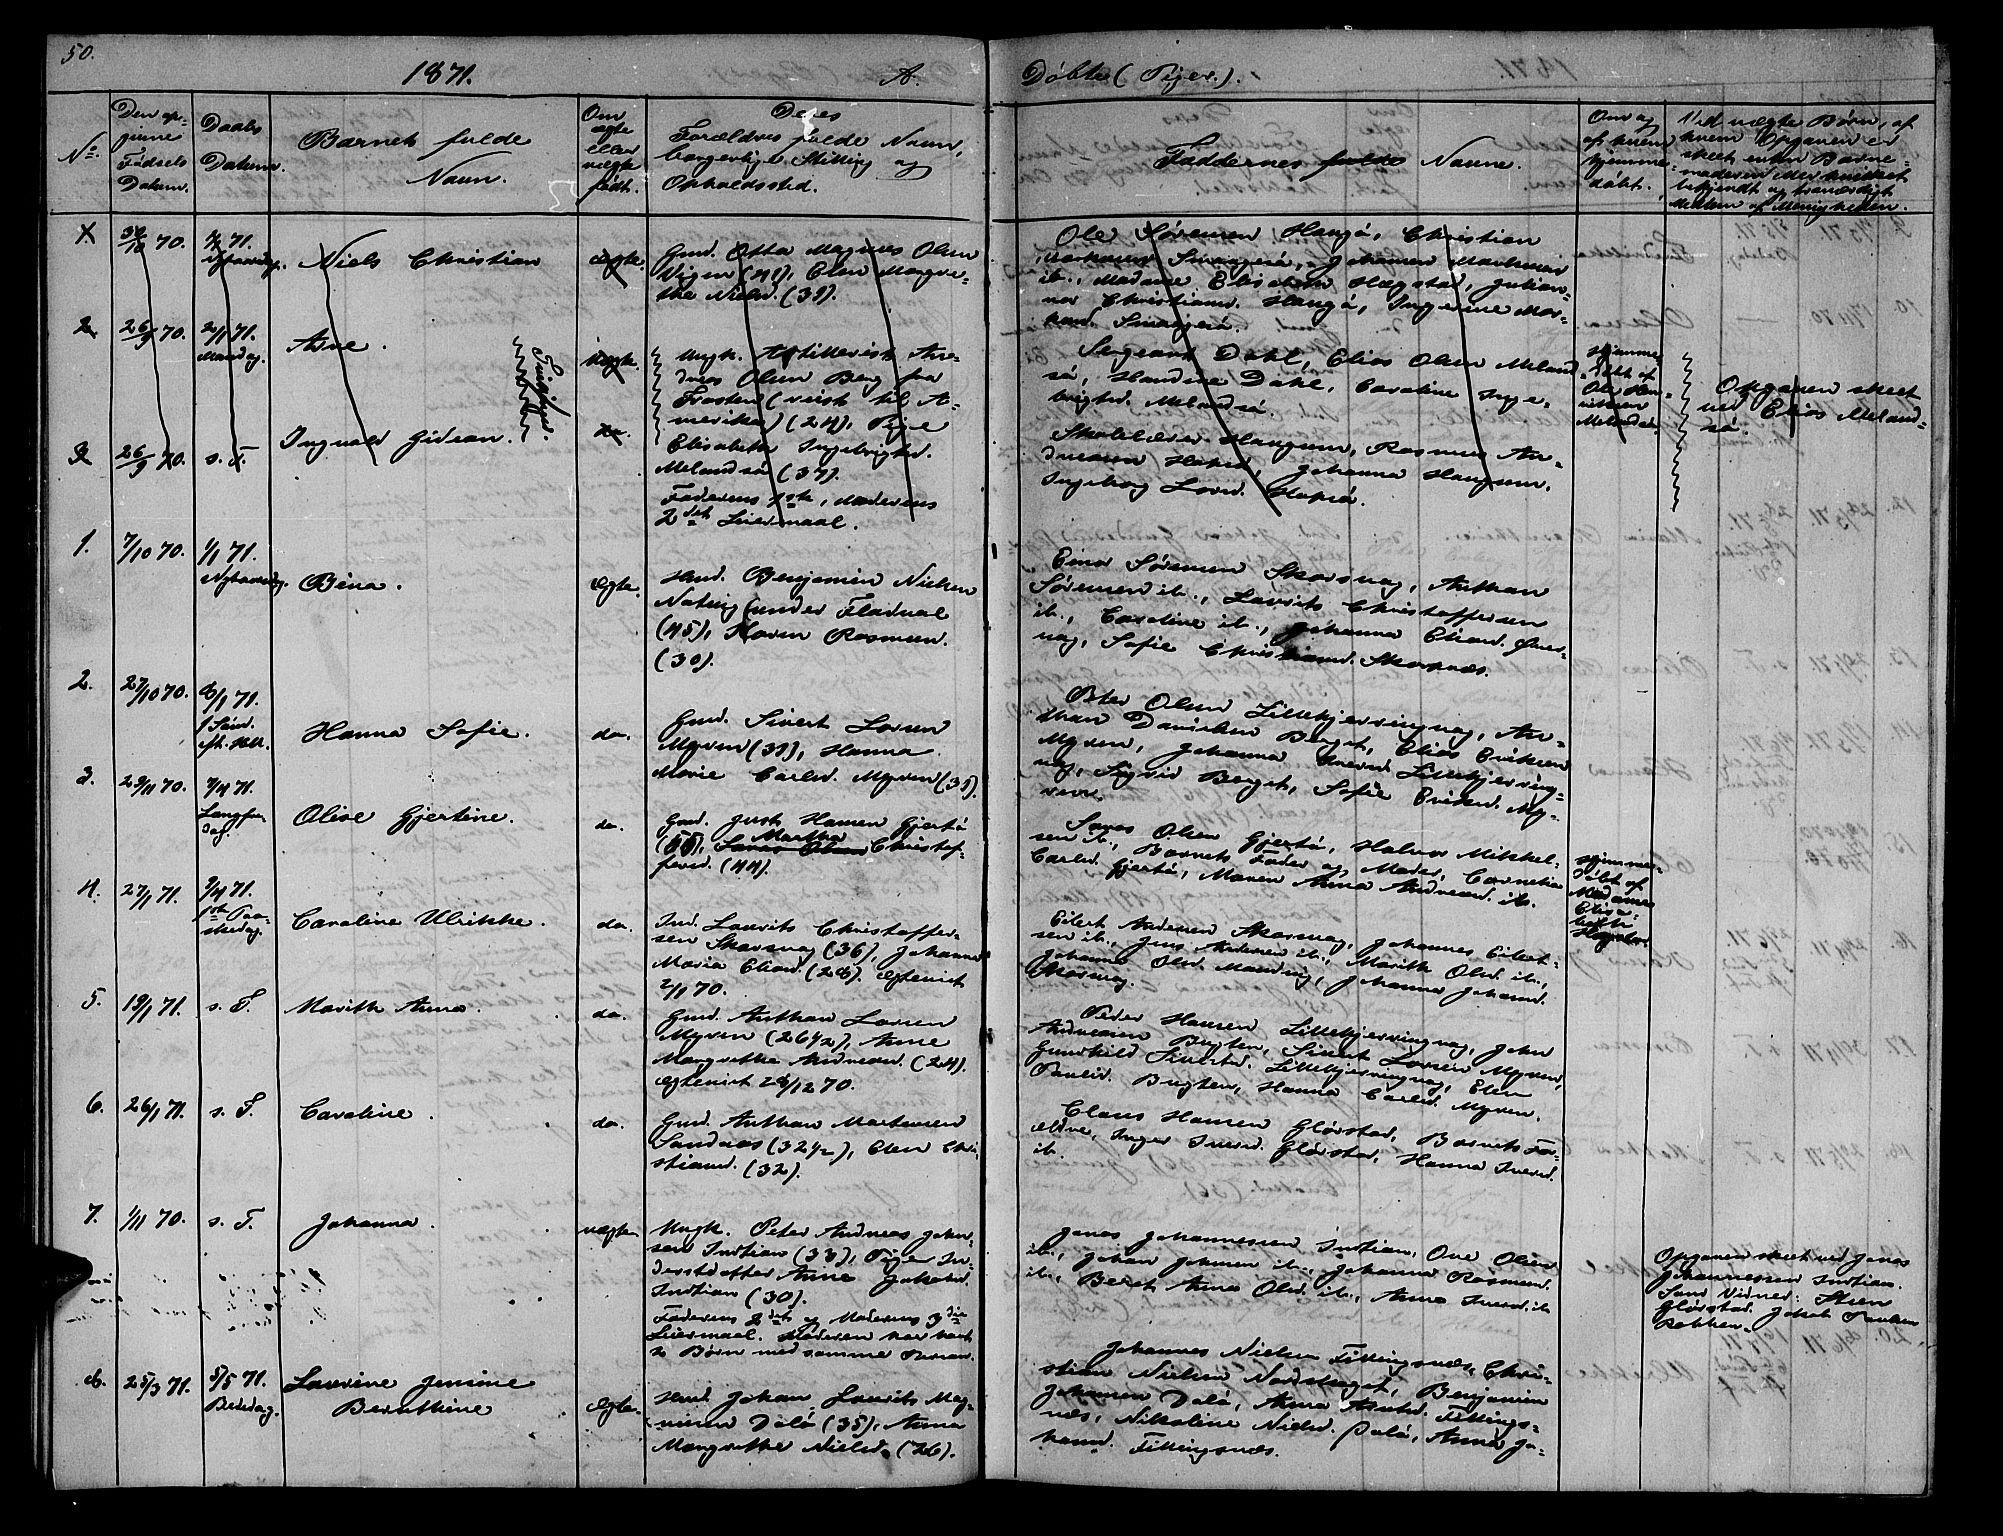 SAT, Ministerialprotokoller, klokkerbøker og fødselsregistre - Sør-Trøndelag, 634/L0539: Klokkerbok nr. 634C01, 1866-1873, s. 50